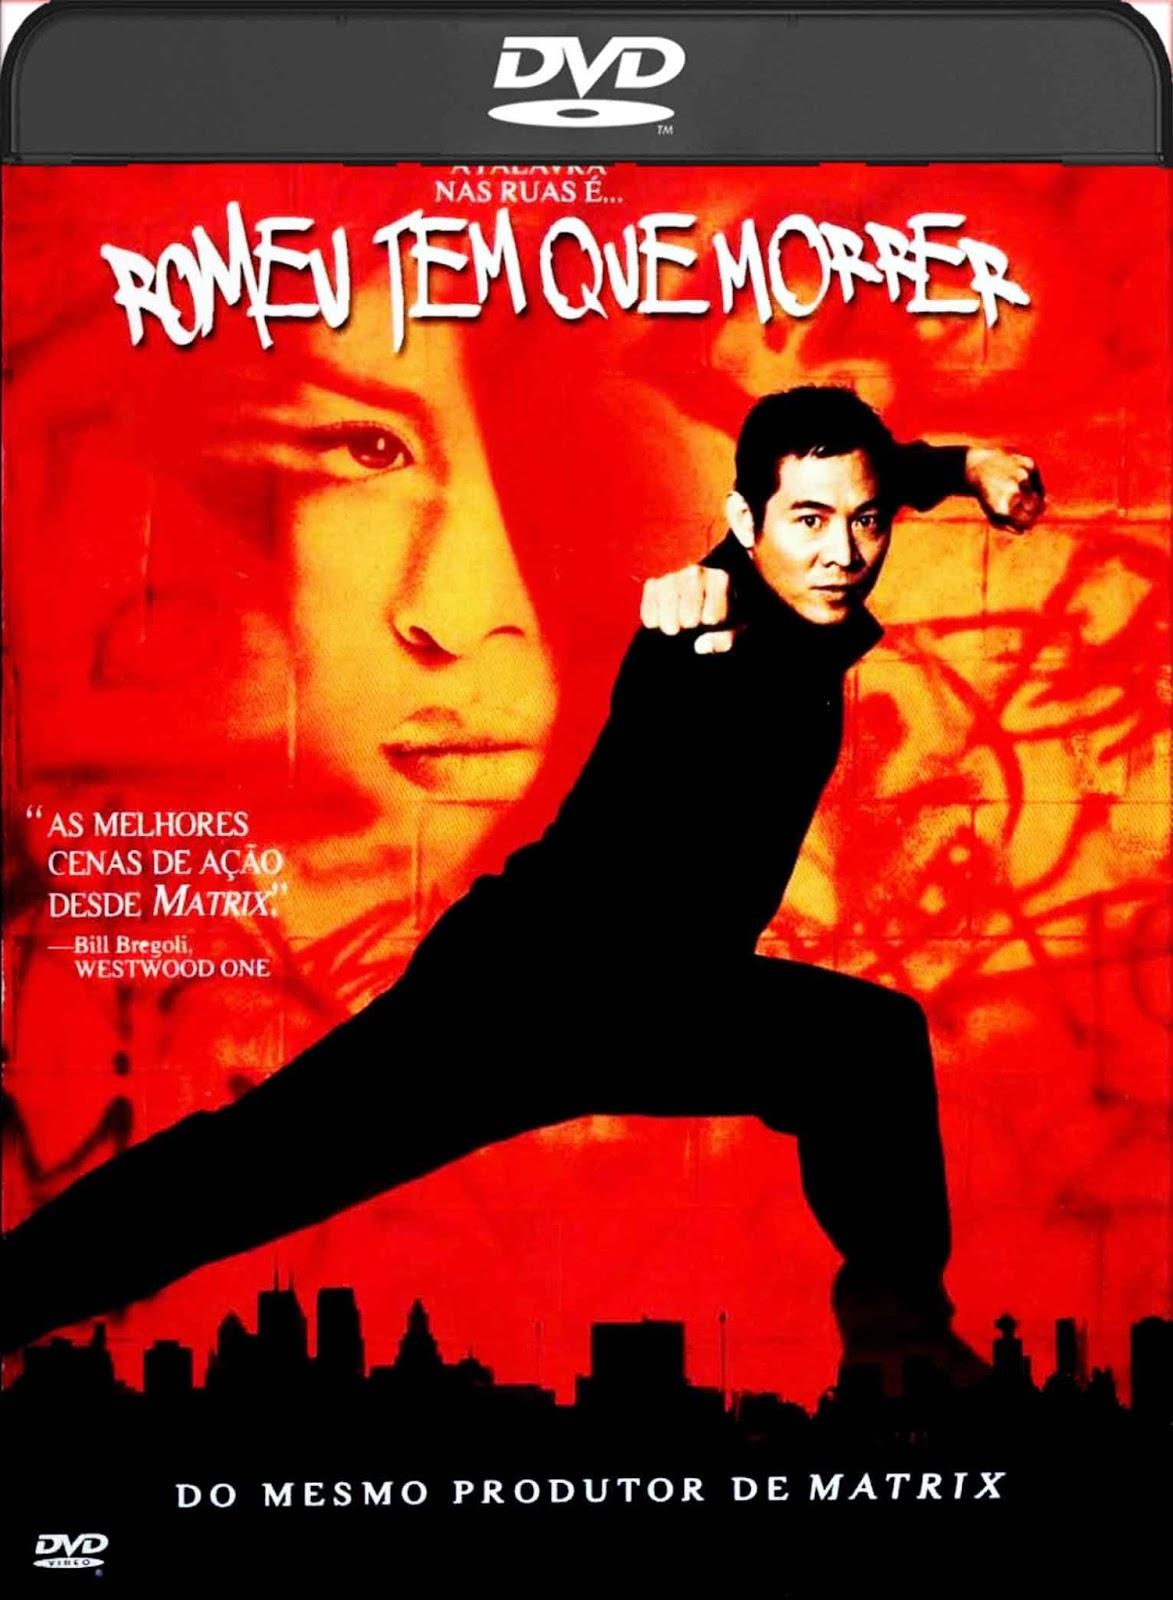 Romeu Tem que Morrer (2000) DVD-R Oficial